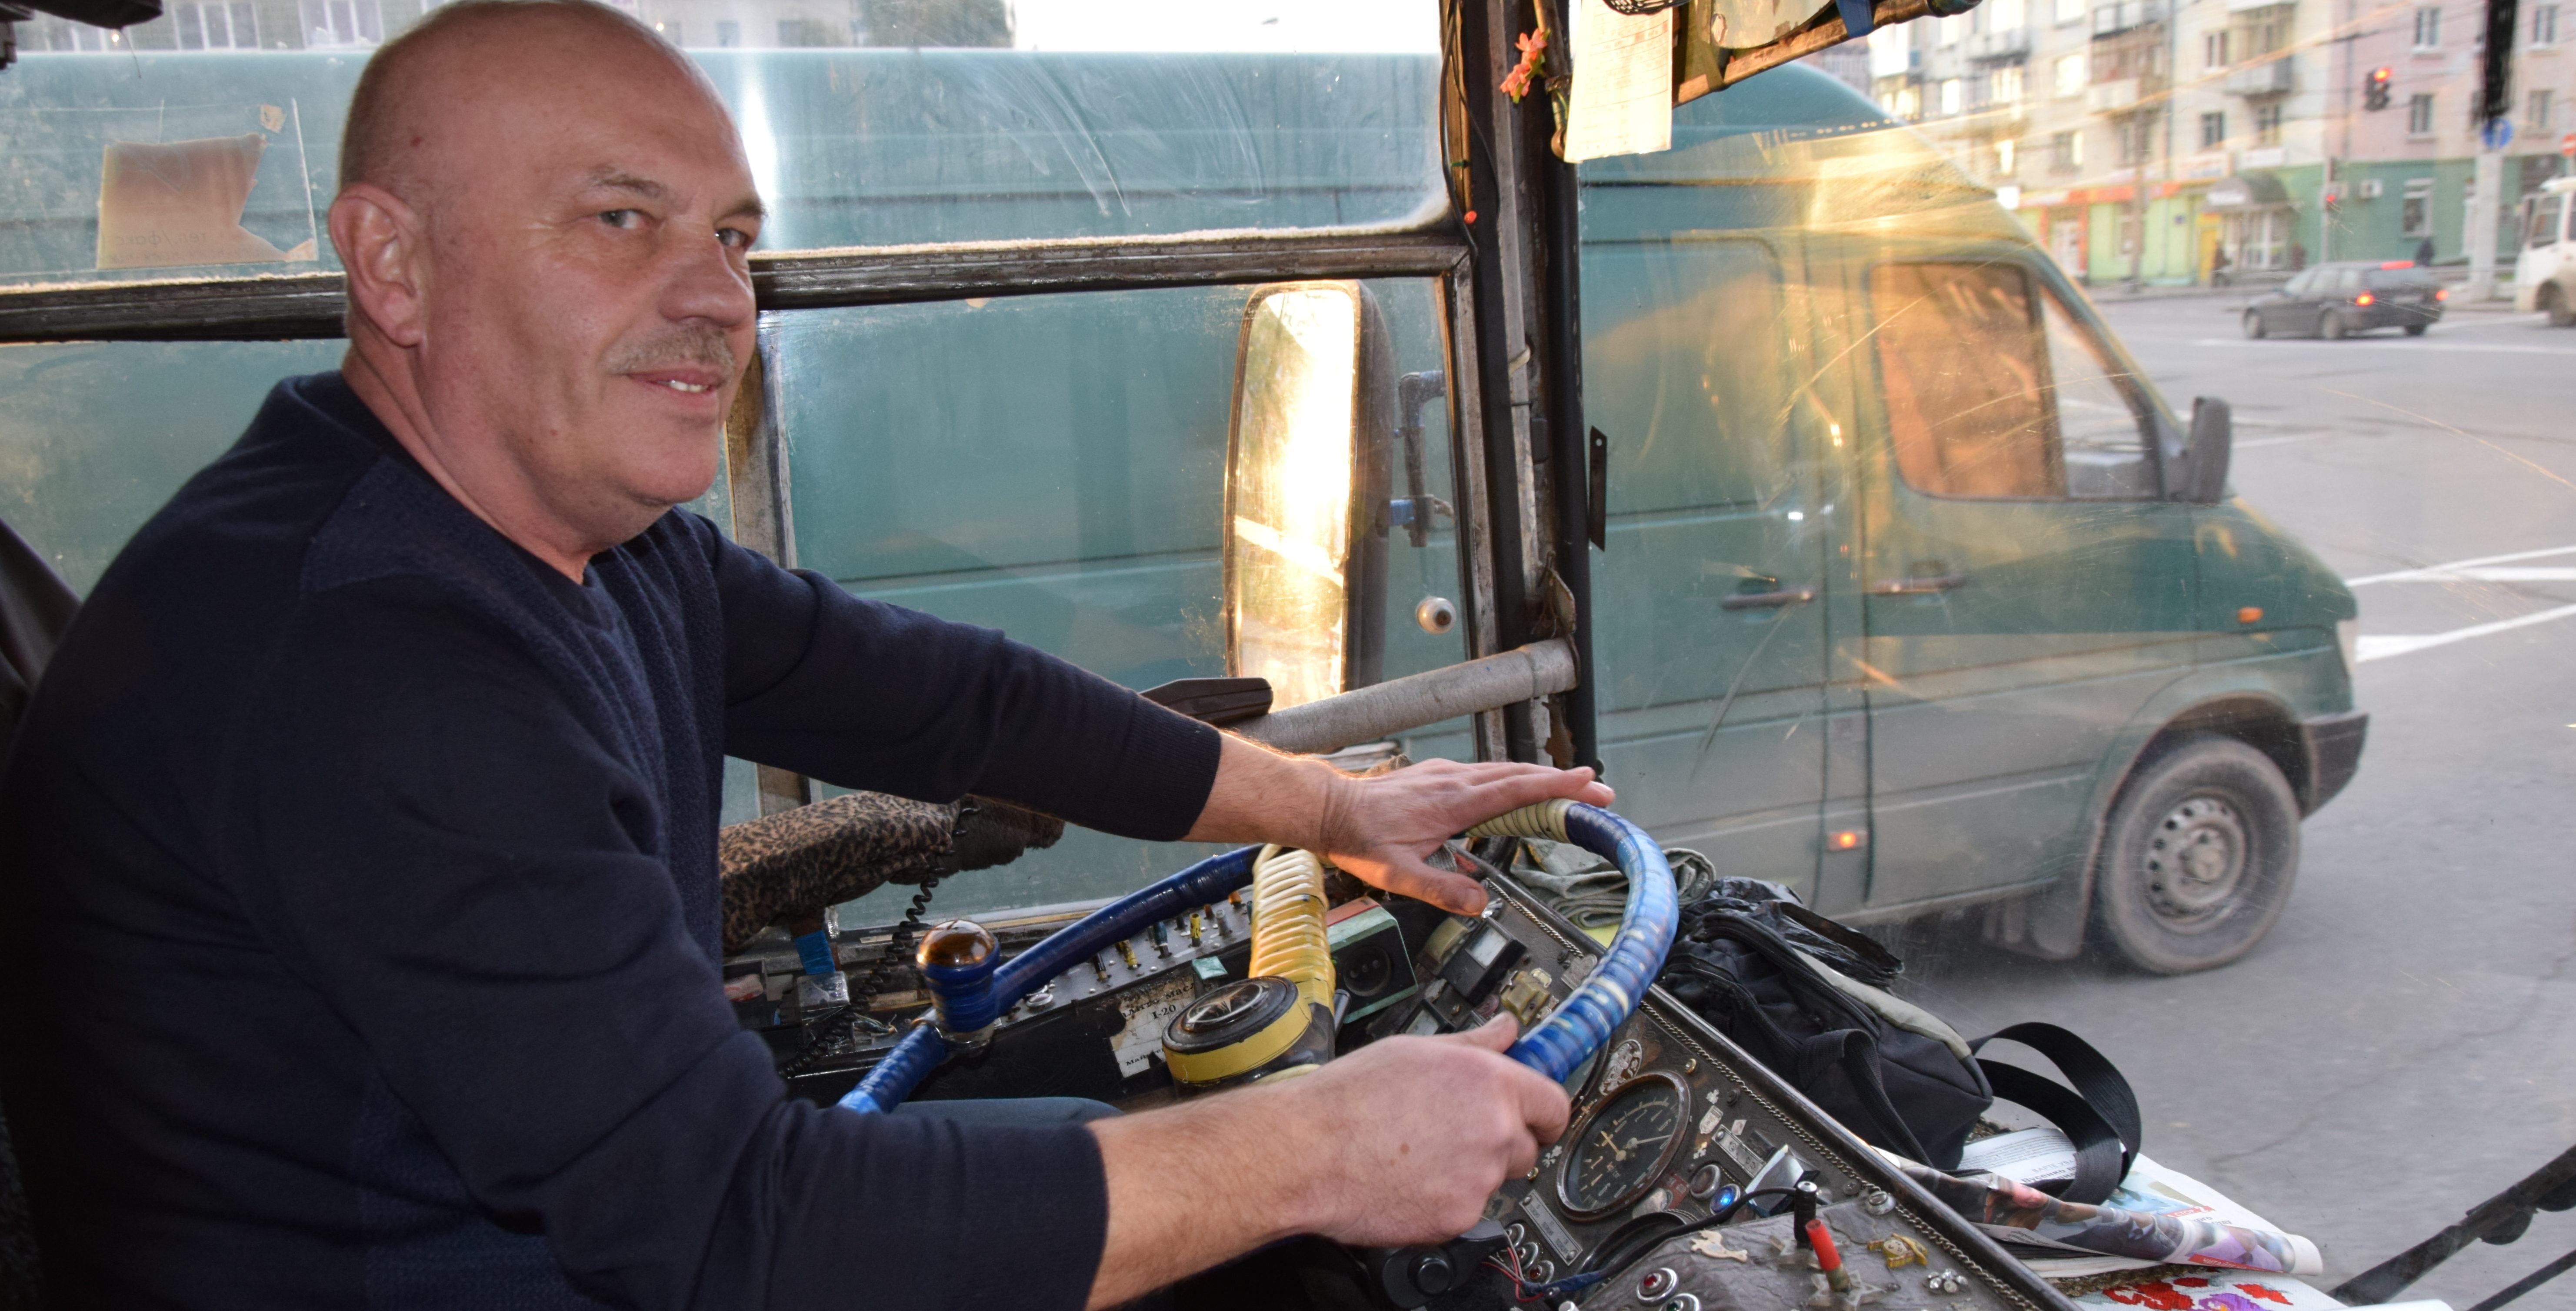 Reportaż z Łucka: 35 lat za kółkiem trolejbusu